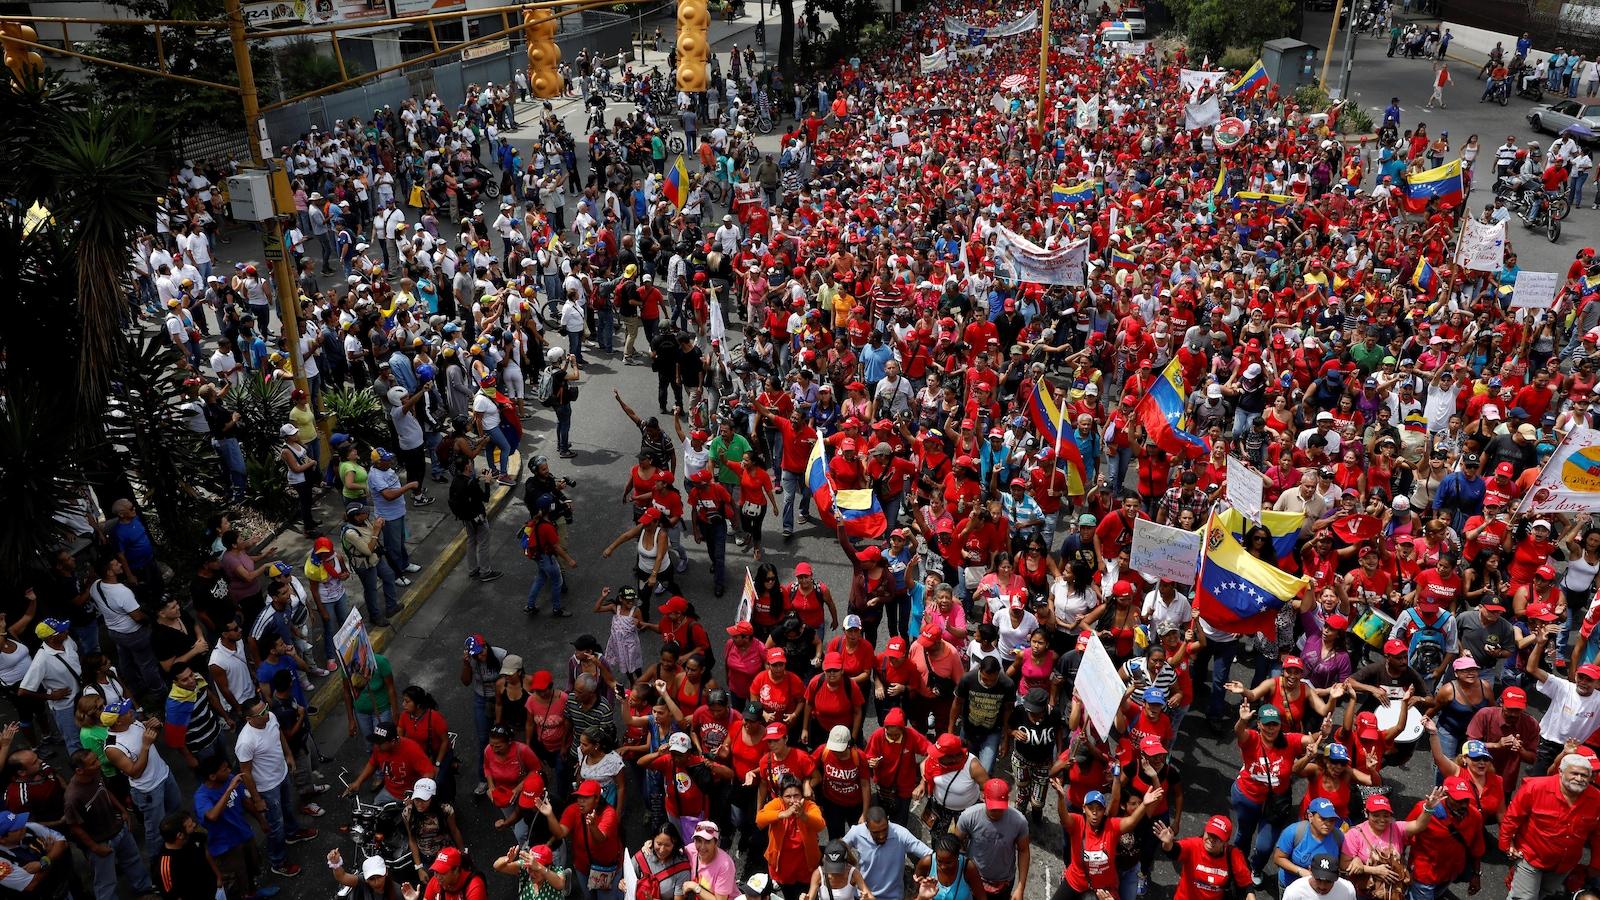 Dans ce secteur de la capitale, des partisans du président Maduro, vêtus de rouge, défilent sous le regard d'opposants.